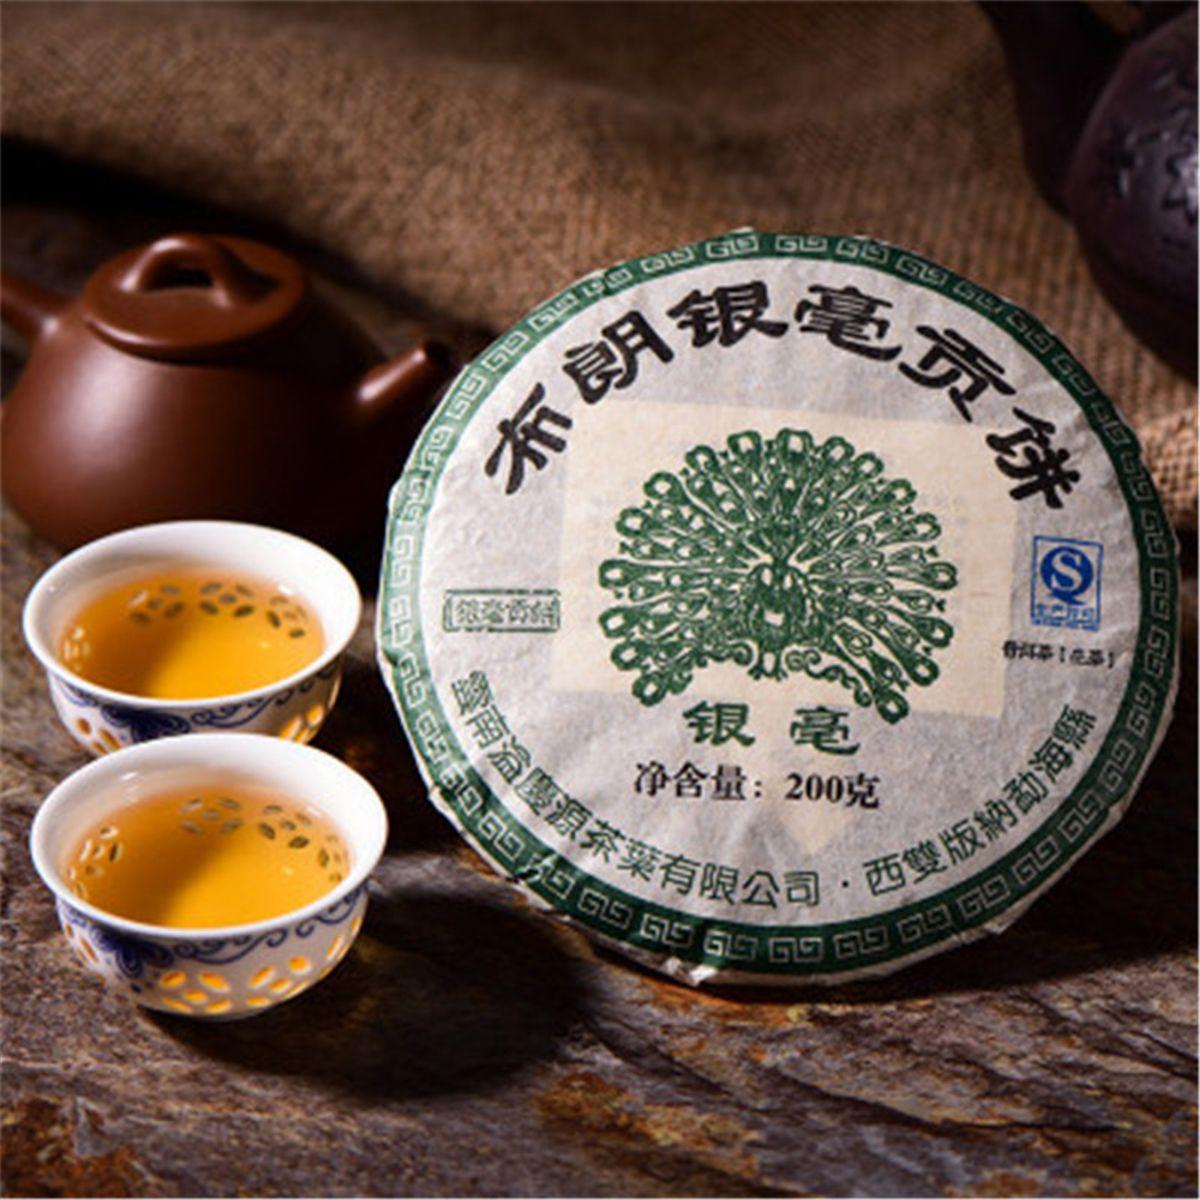 Yunnan Brown Yin Hao prima Puer torta del té chino pu er té verde 200g Puer chino PU-erh del alimento verde sano Pu erh té